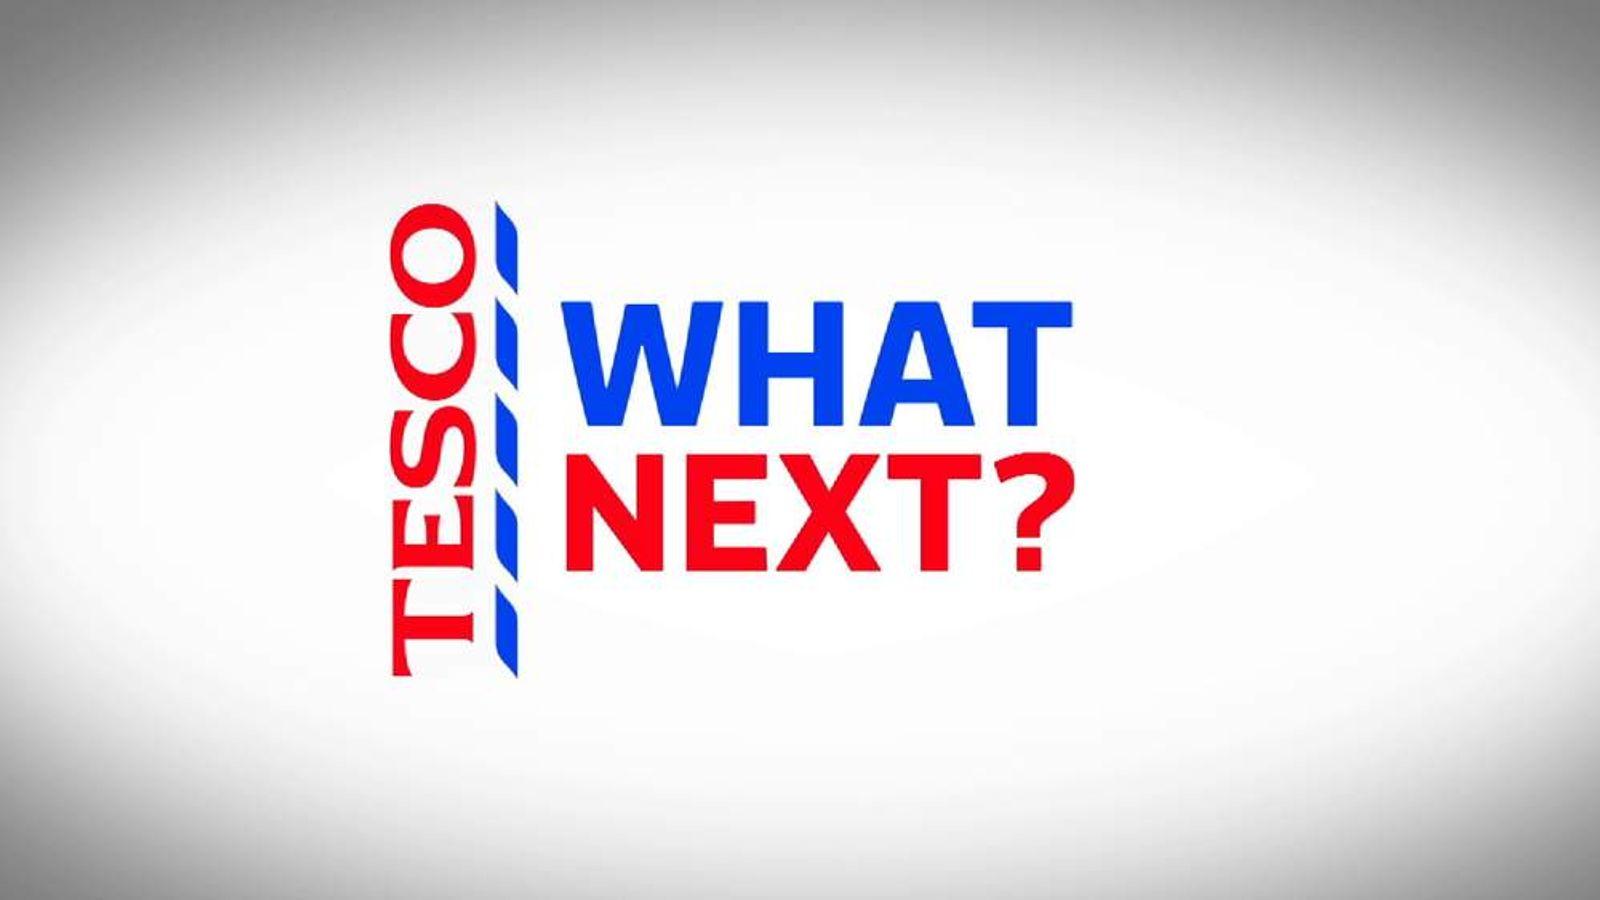 Tesco: What Next?